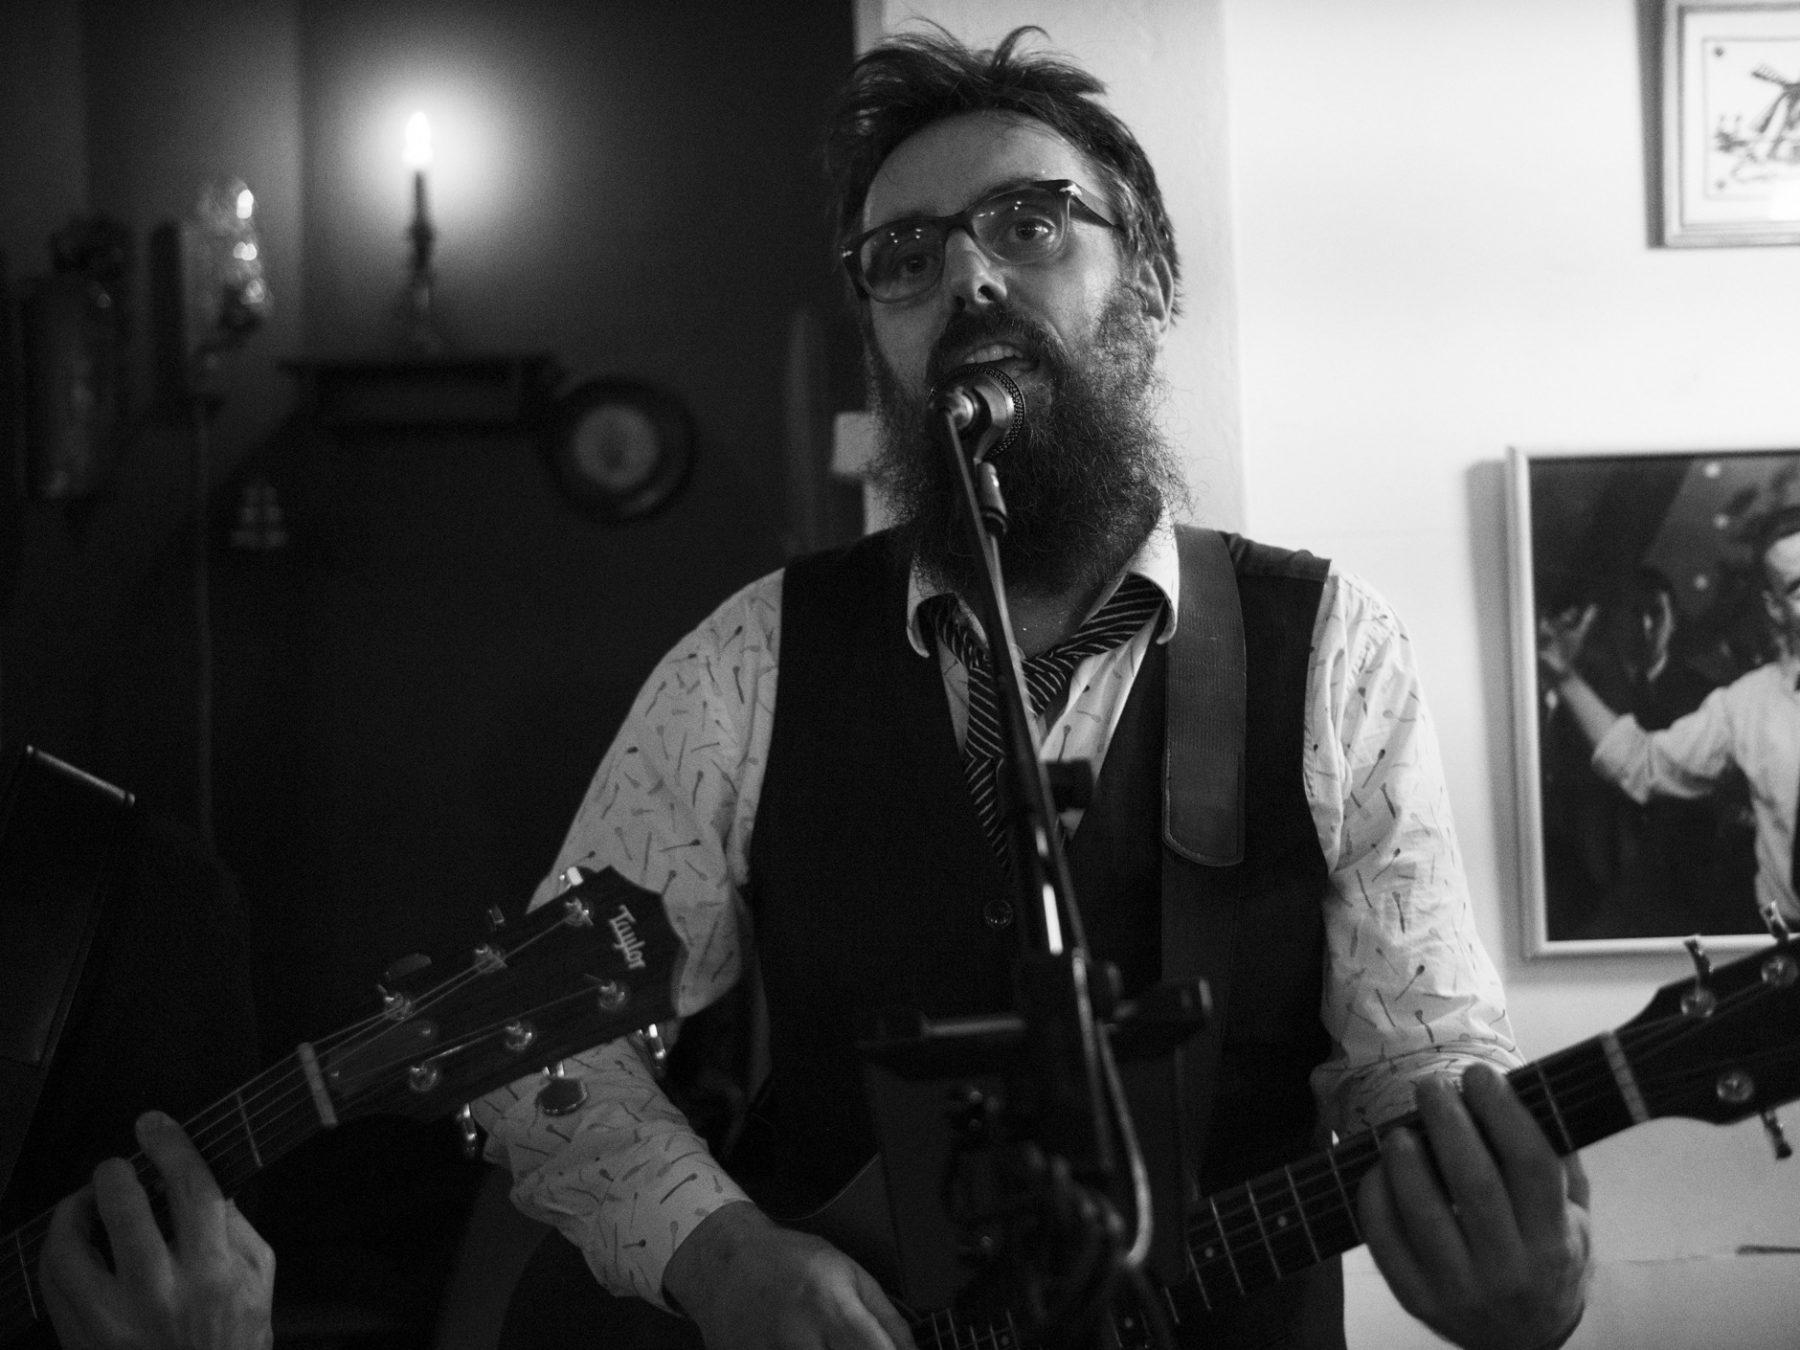 Peter Ulf fra Hund i Snor synger og spiller guitar